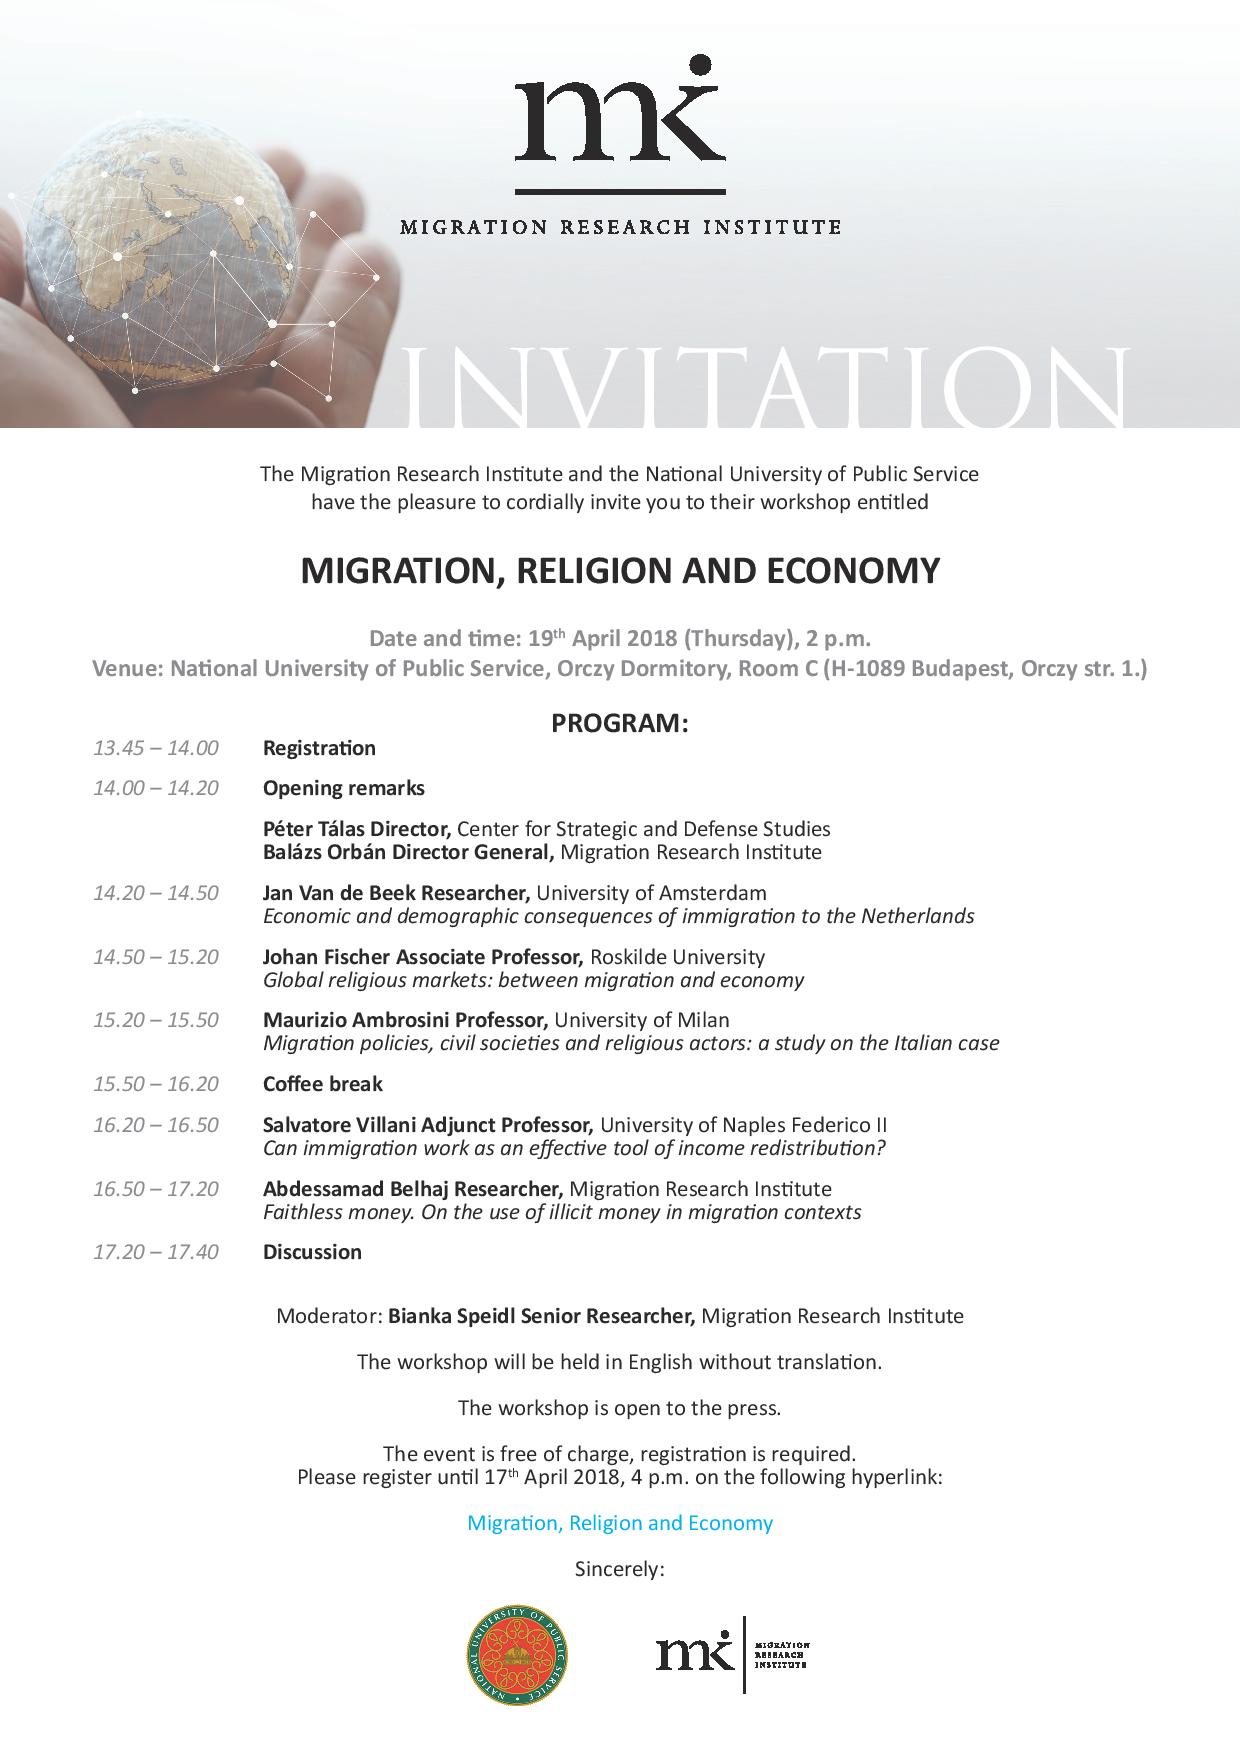 MIGRATION, RELIGION AND ECONOMY